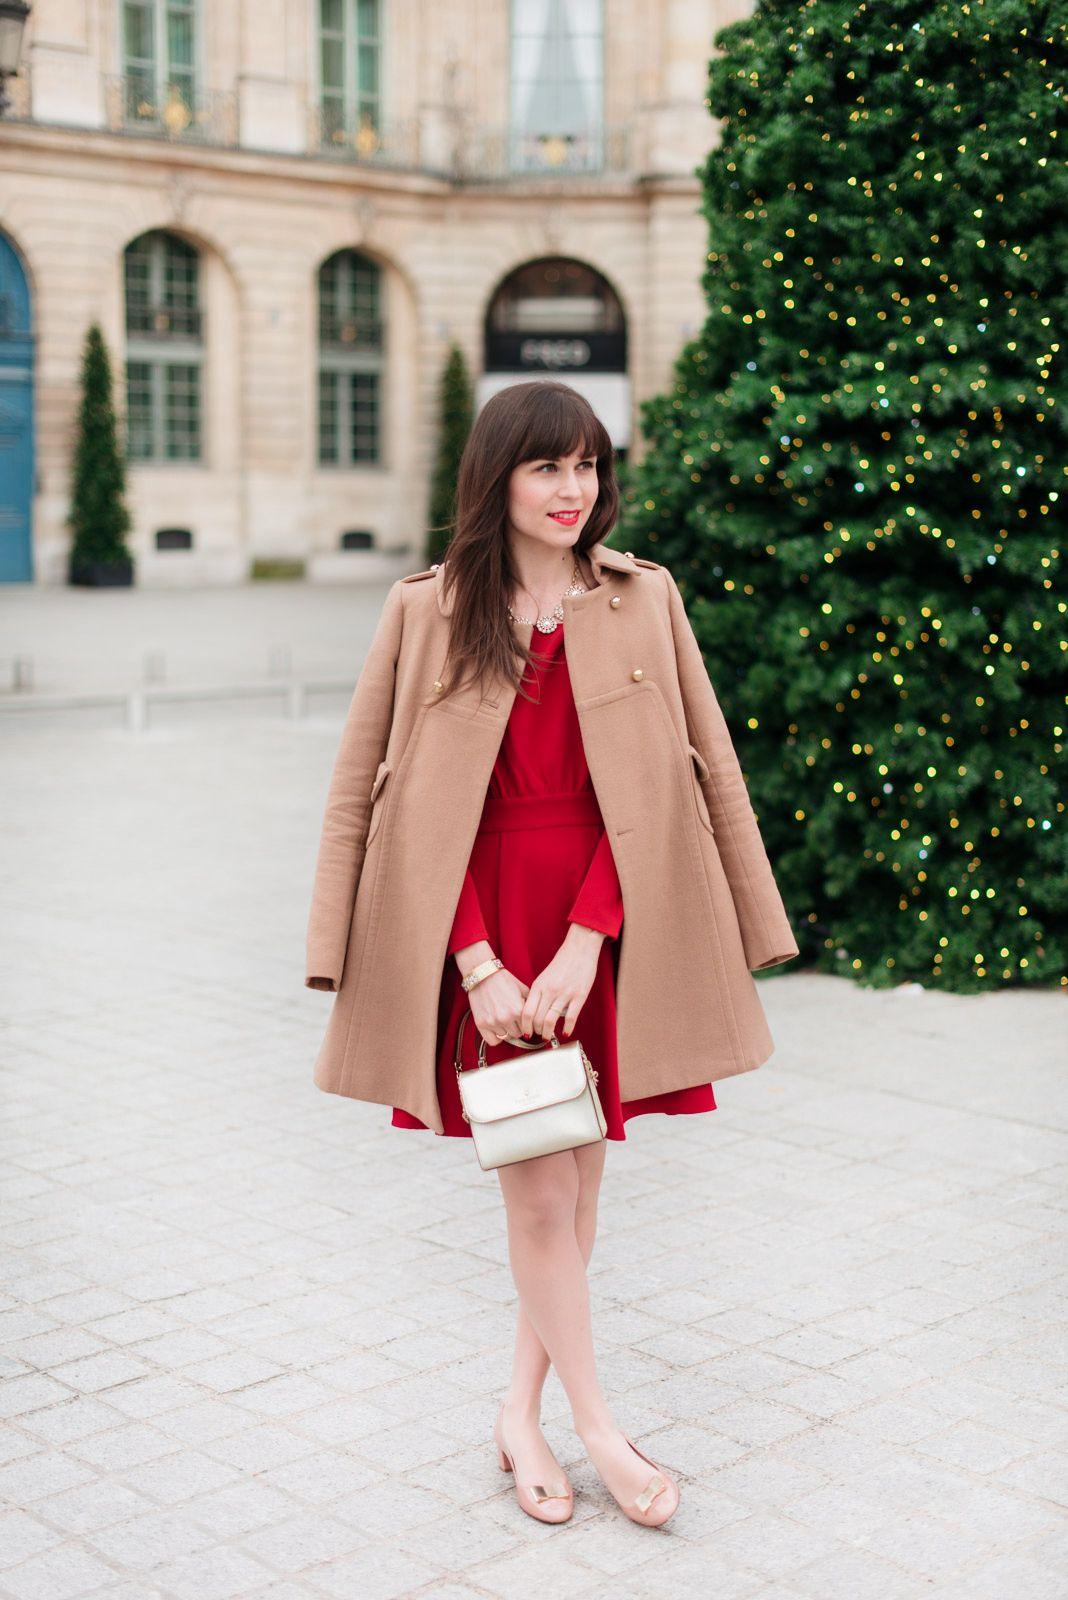 1efec0bd480 Le superbe look pour l hiver de  modeandthecity combinant une robe rouge et  un manteau camel !